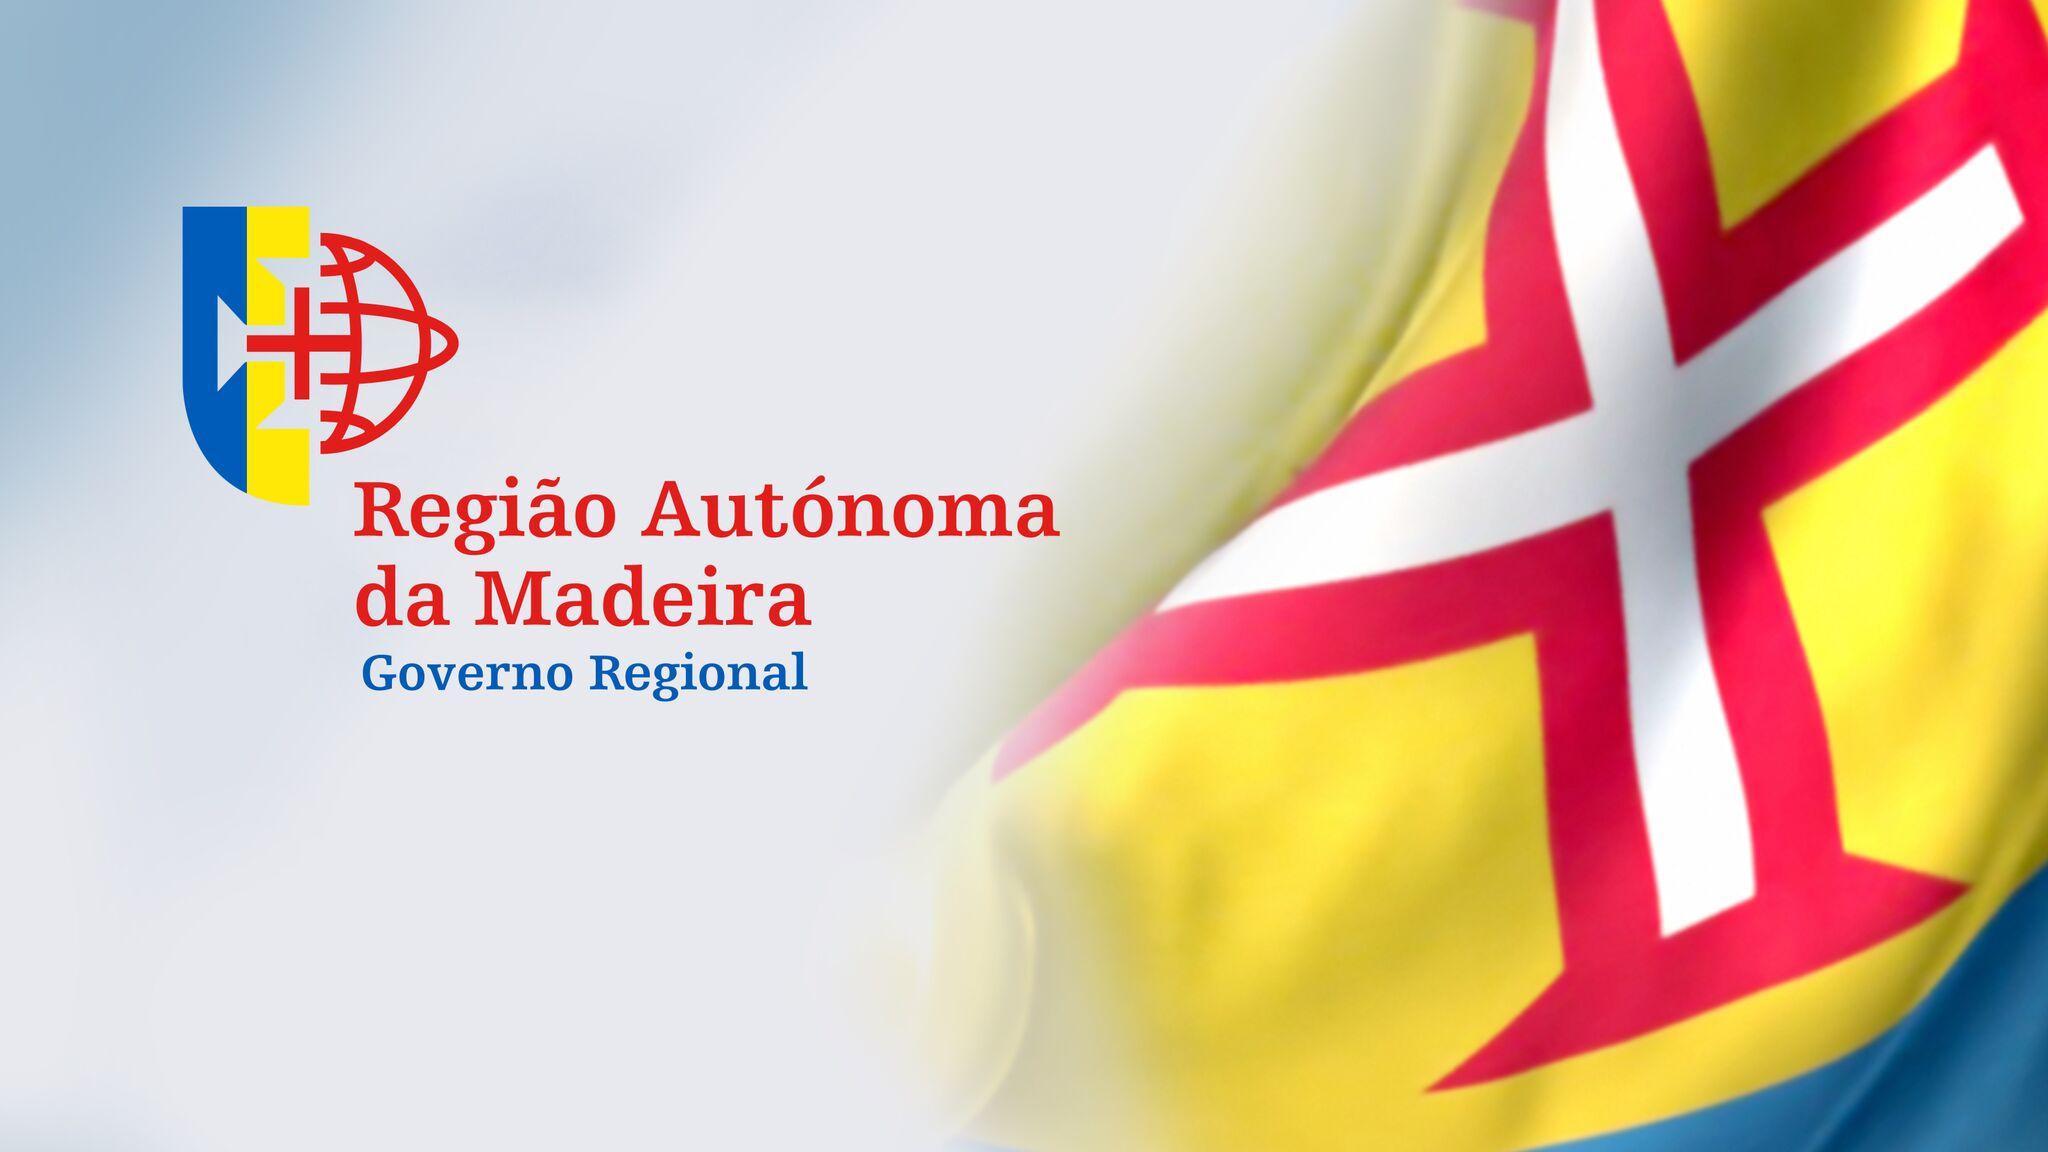 Autoridade Tributária da Madeira atua como um mero órgão de execução no que diz respeito à execução de dívidas não fiscais